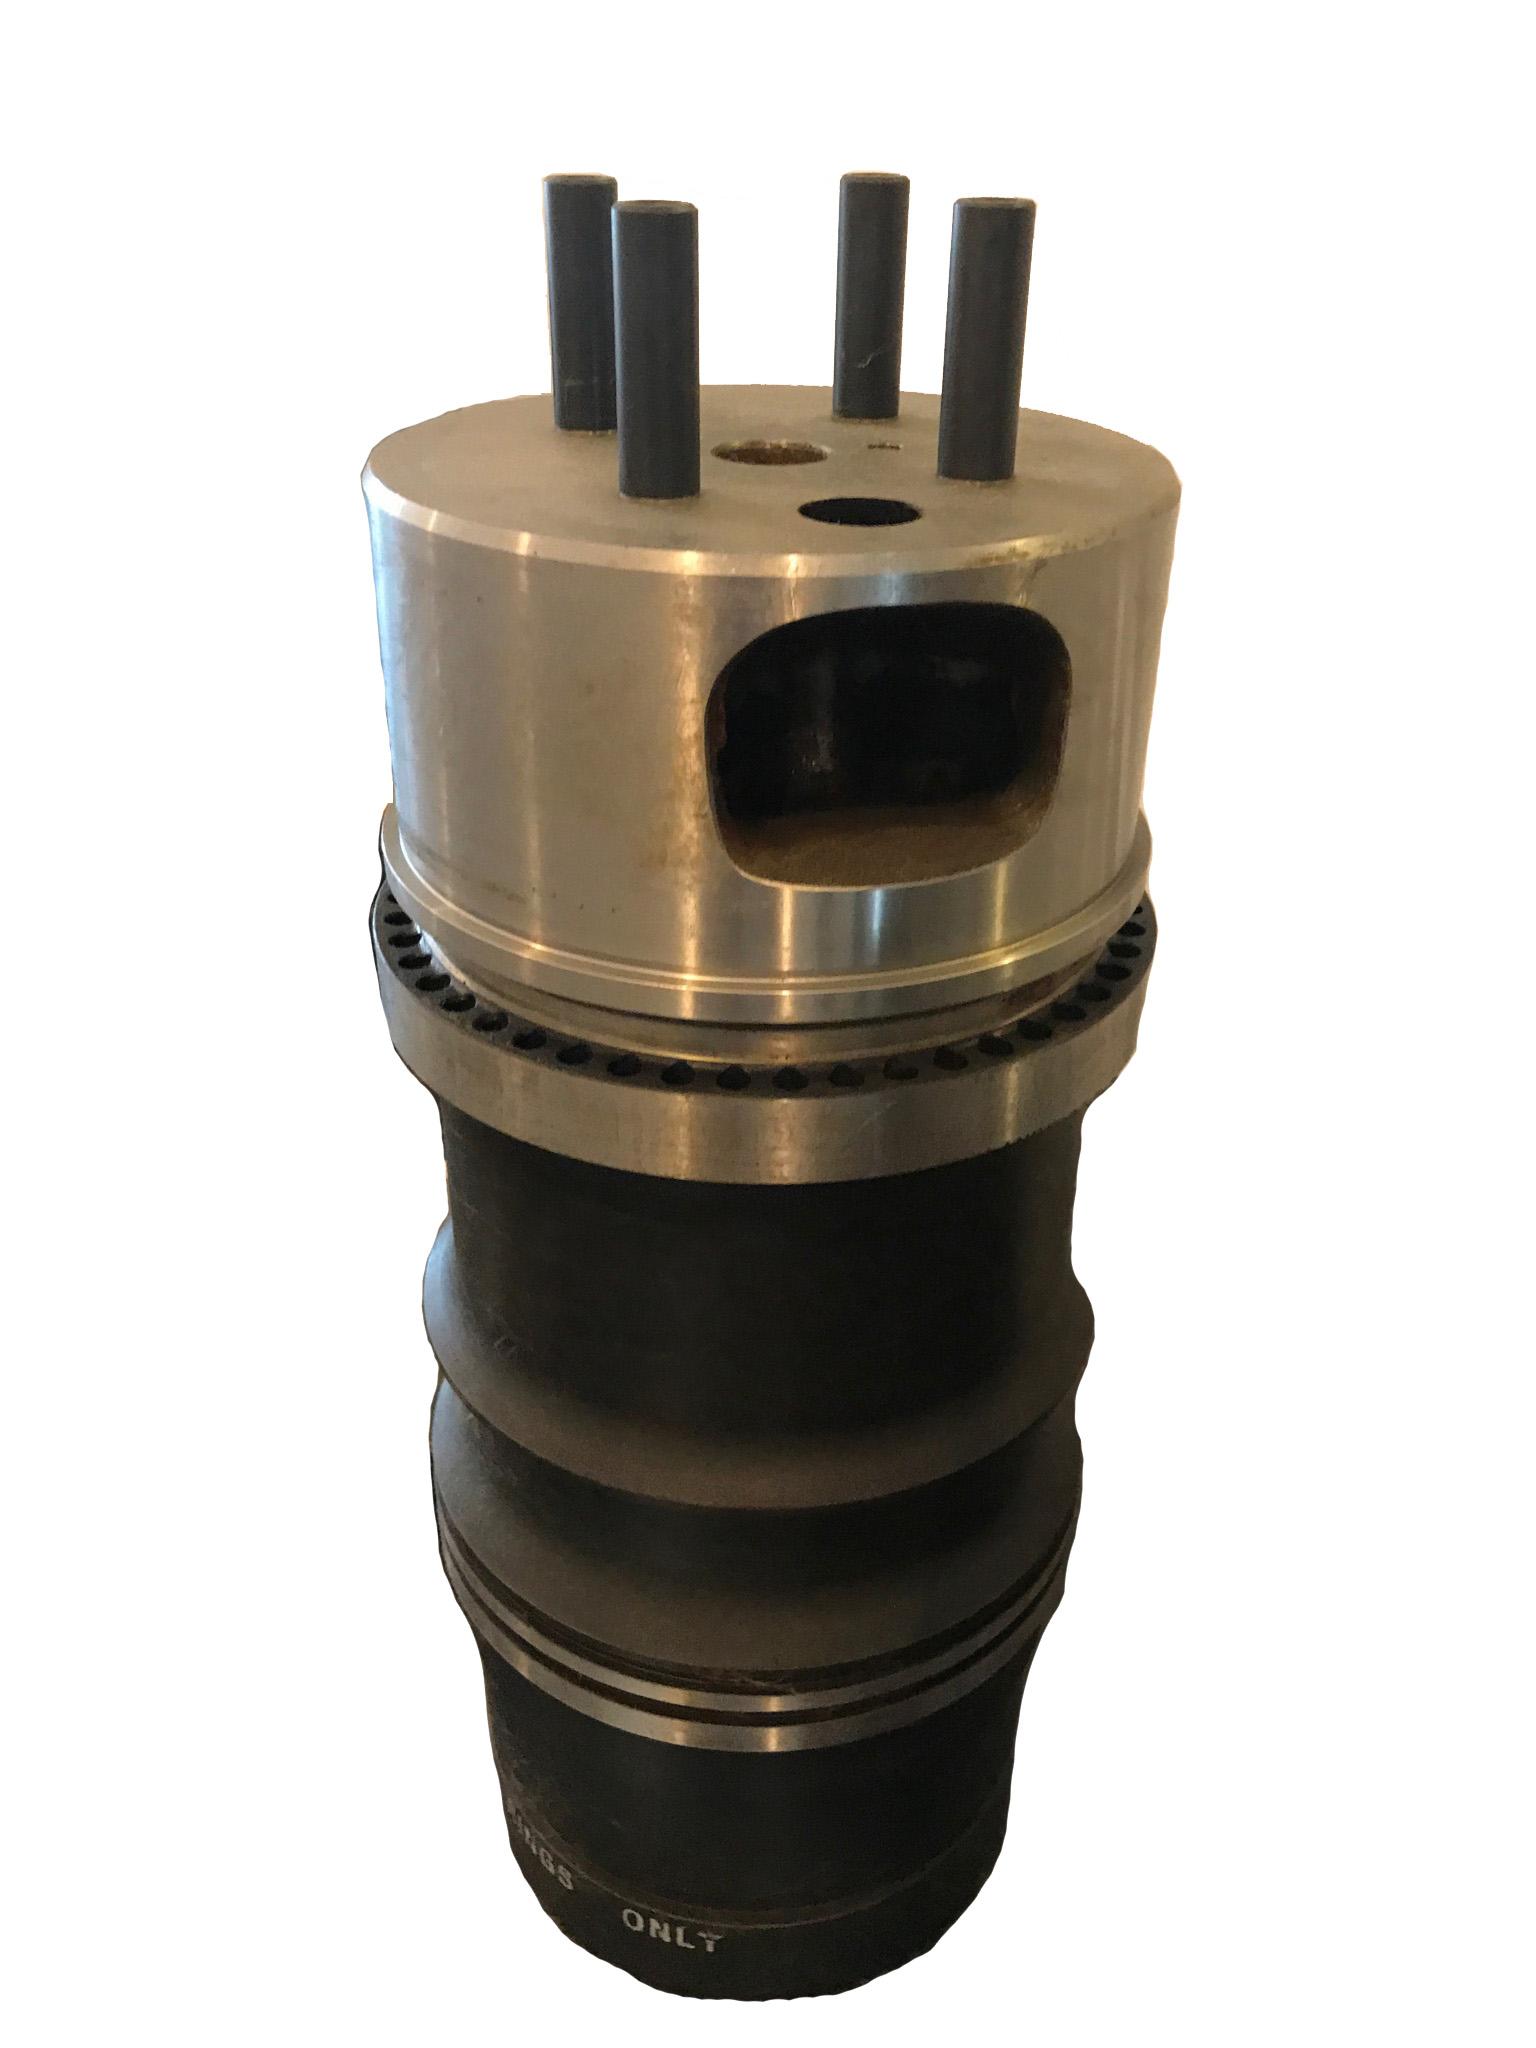 - 121X1240-SDP - 121X1255-SDP - 7FDL Liner Assy - 121X1256-SDP w/ Welded Valves